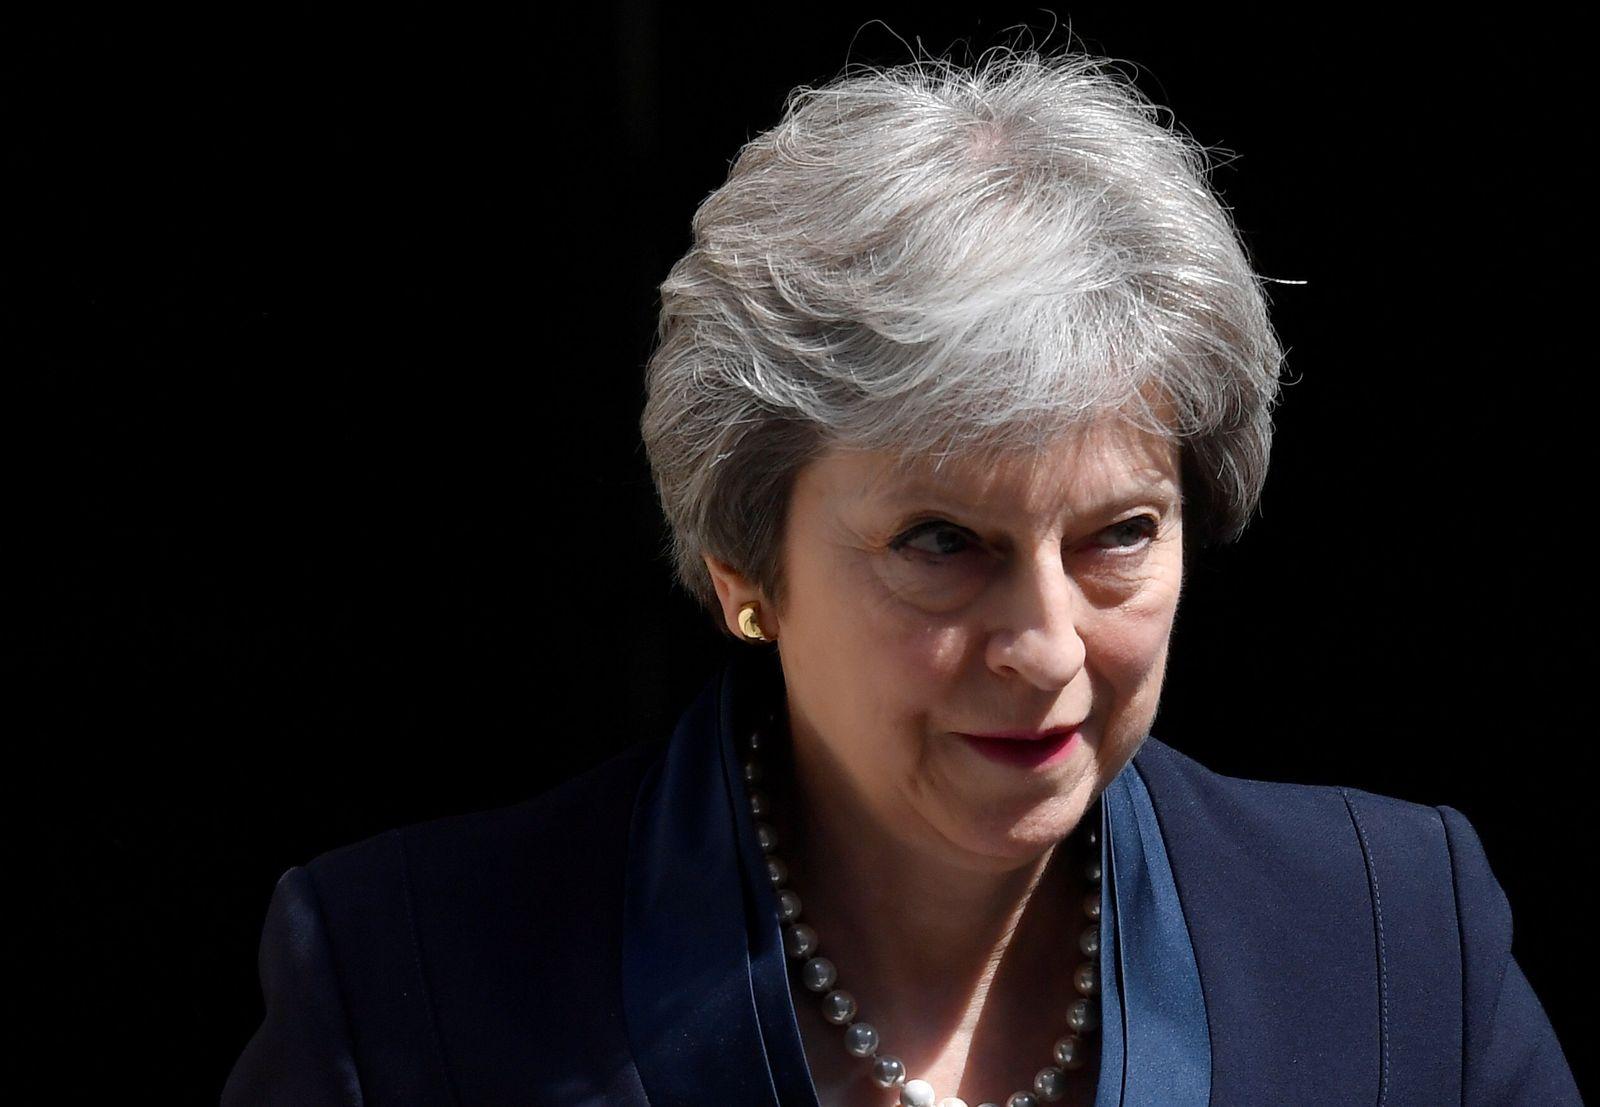 Theresa May / Brexit